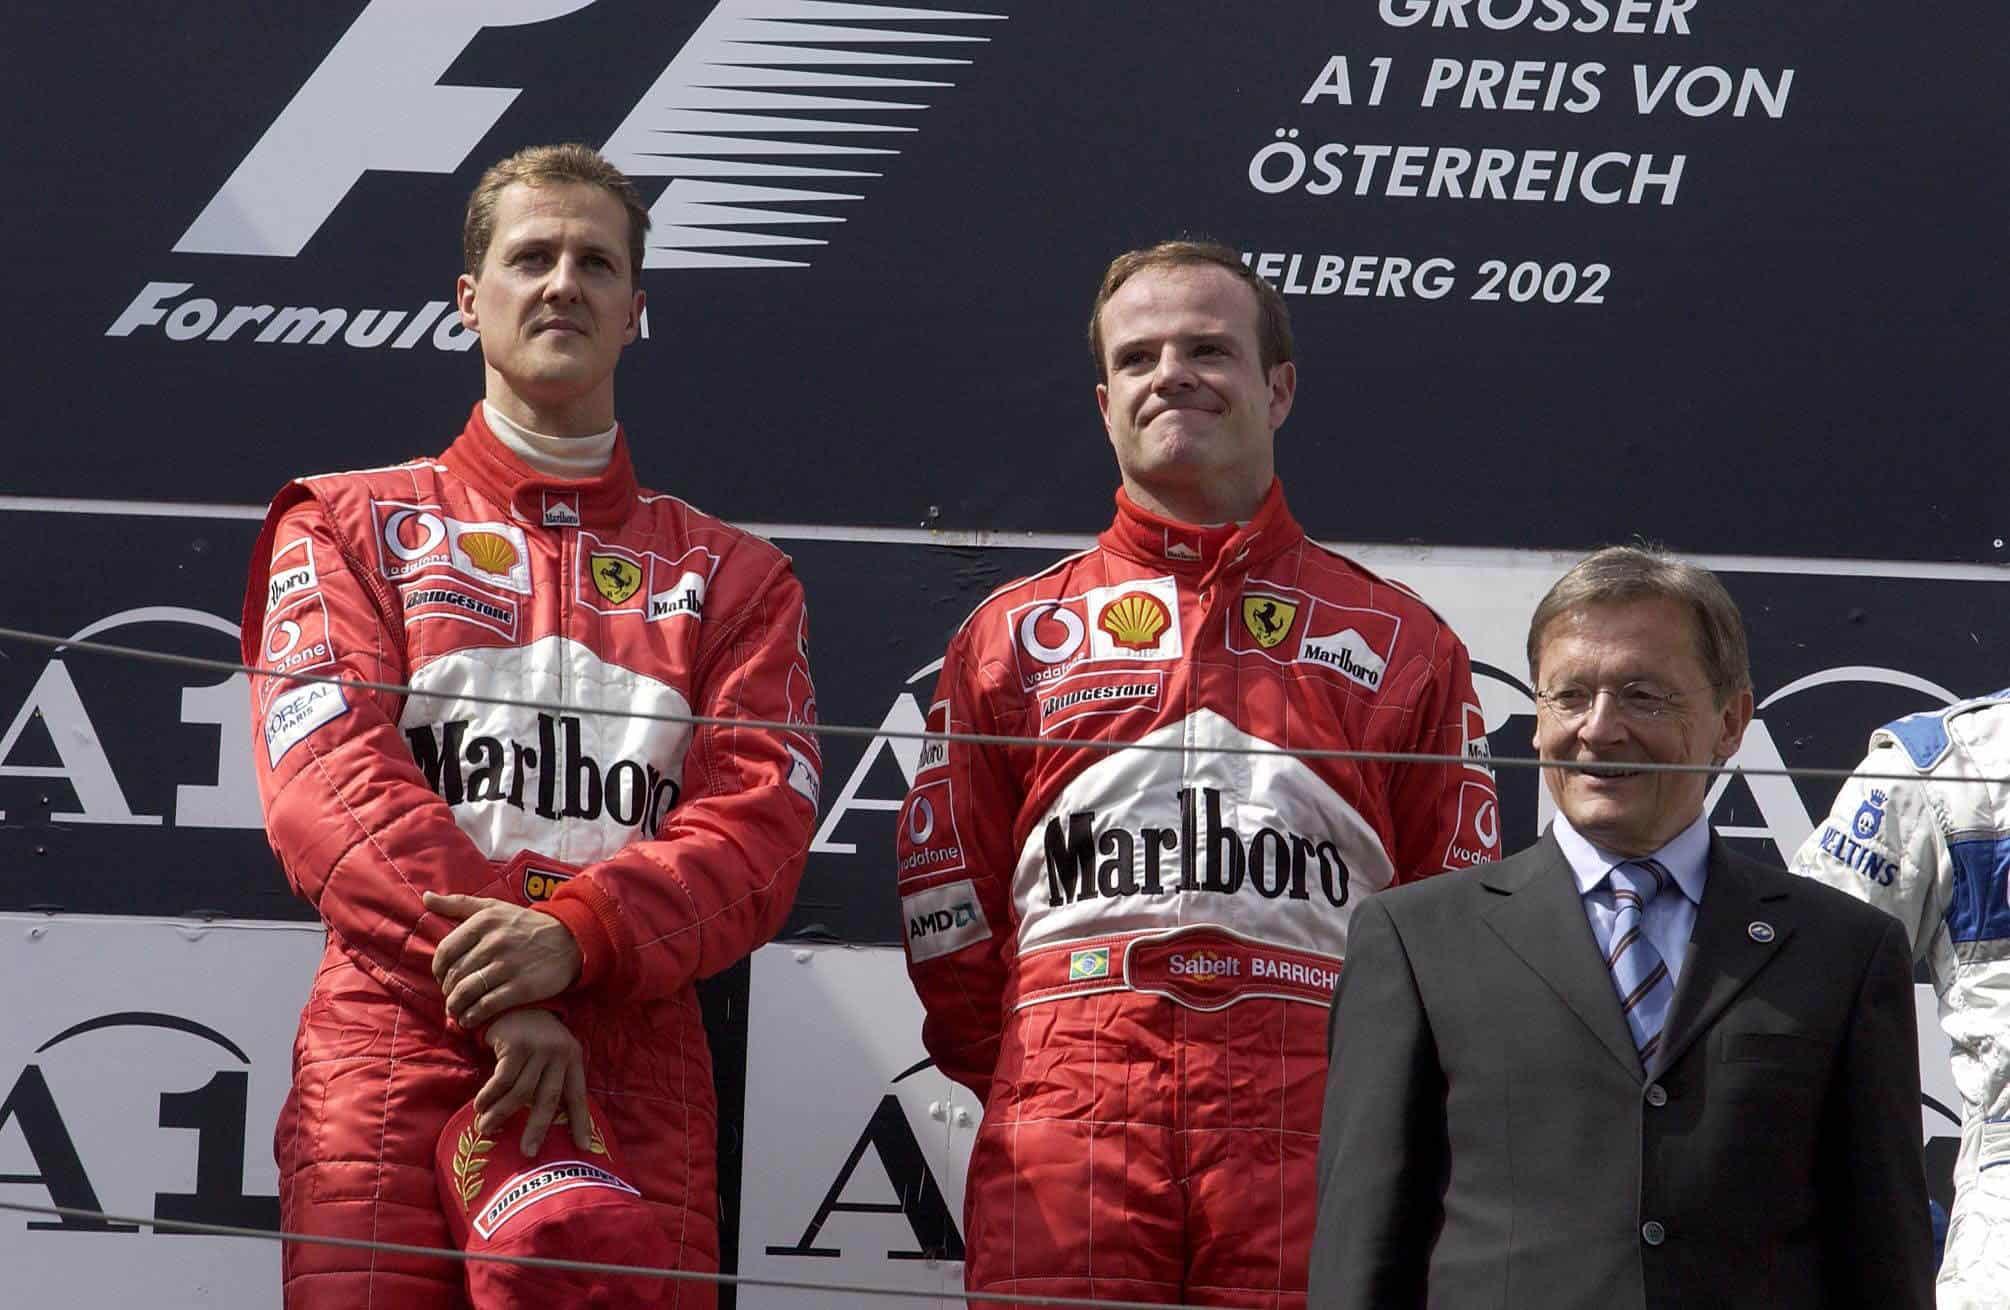 2002 Austrian GP Schumacher Barrichello podium Photo Ferrari Edited by MAXF1net